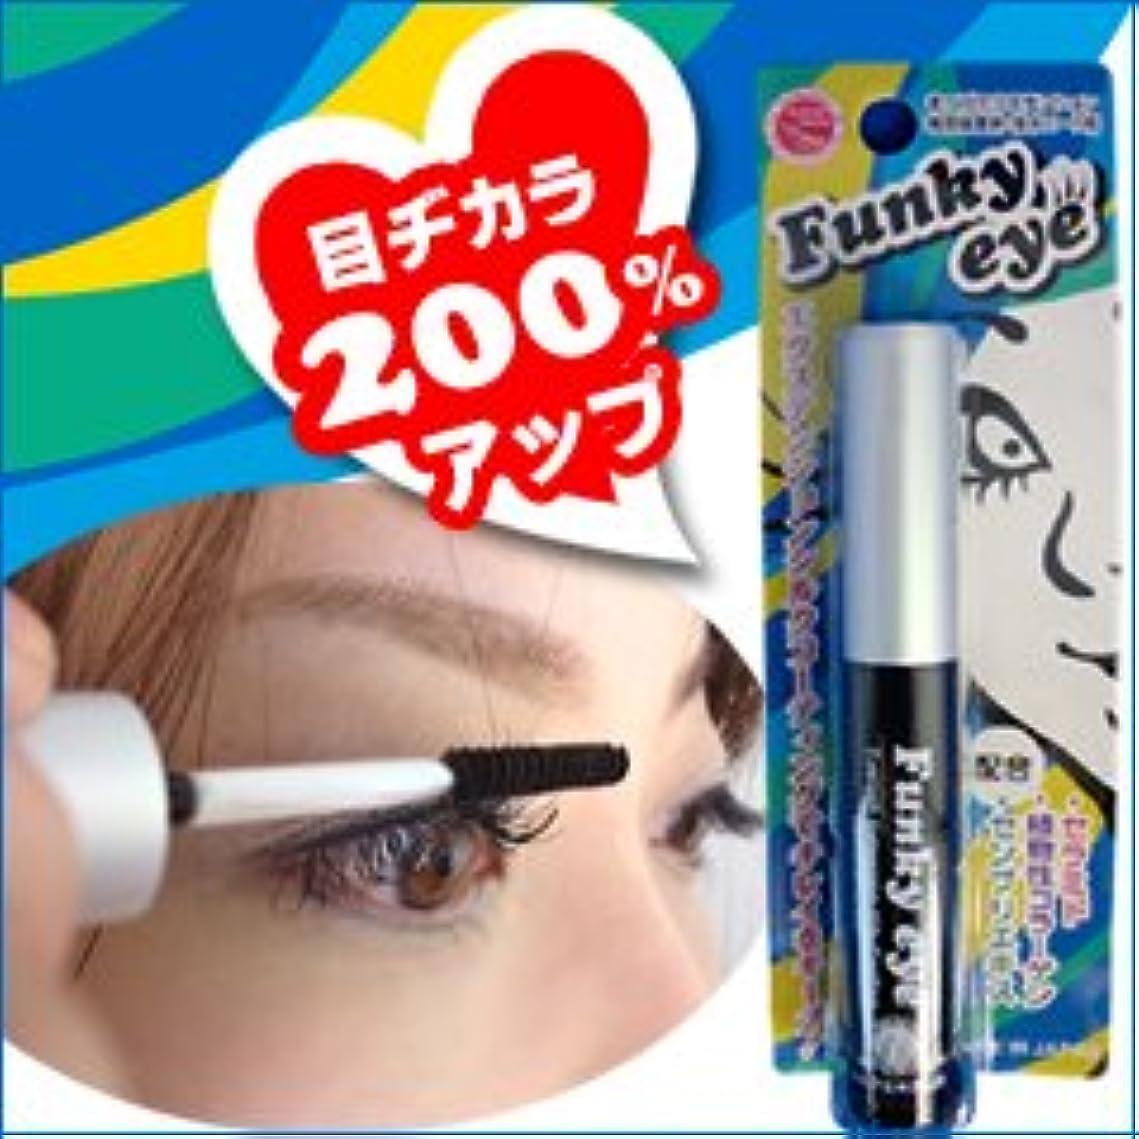 奴隷メディカル合成Funky eye マスカラコートEX〈コーティング剤〉